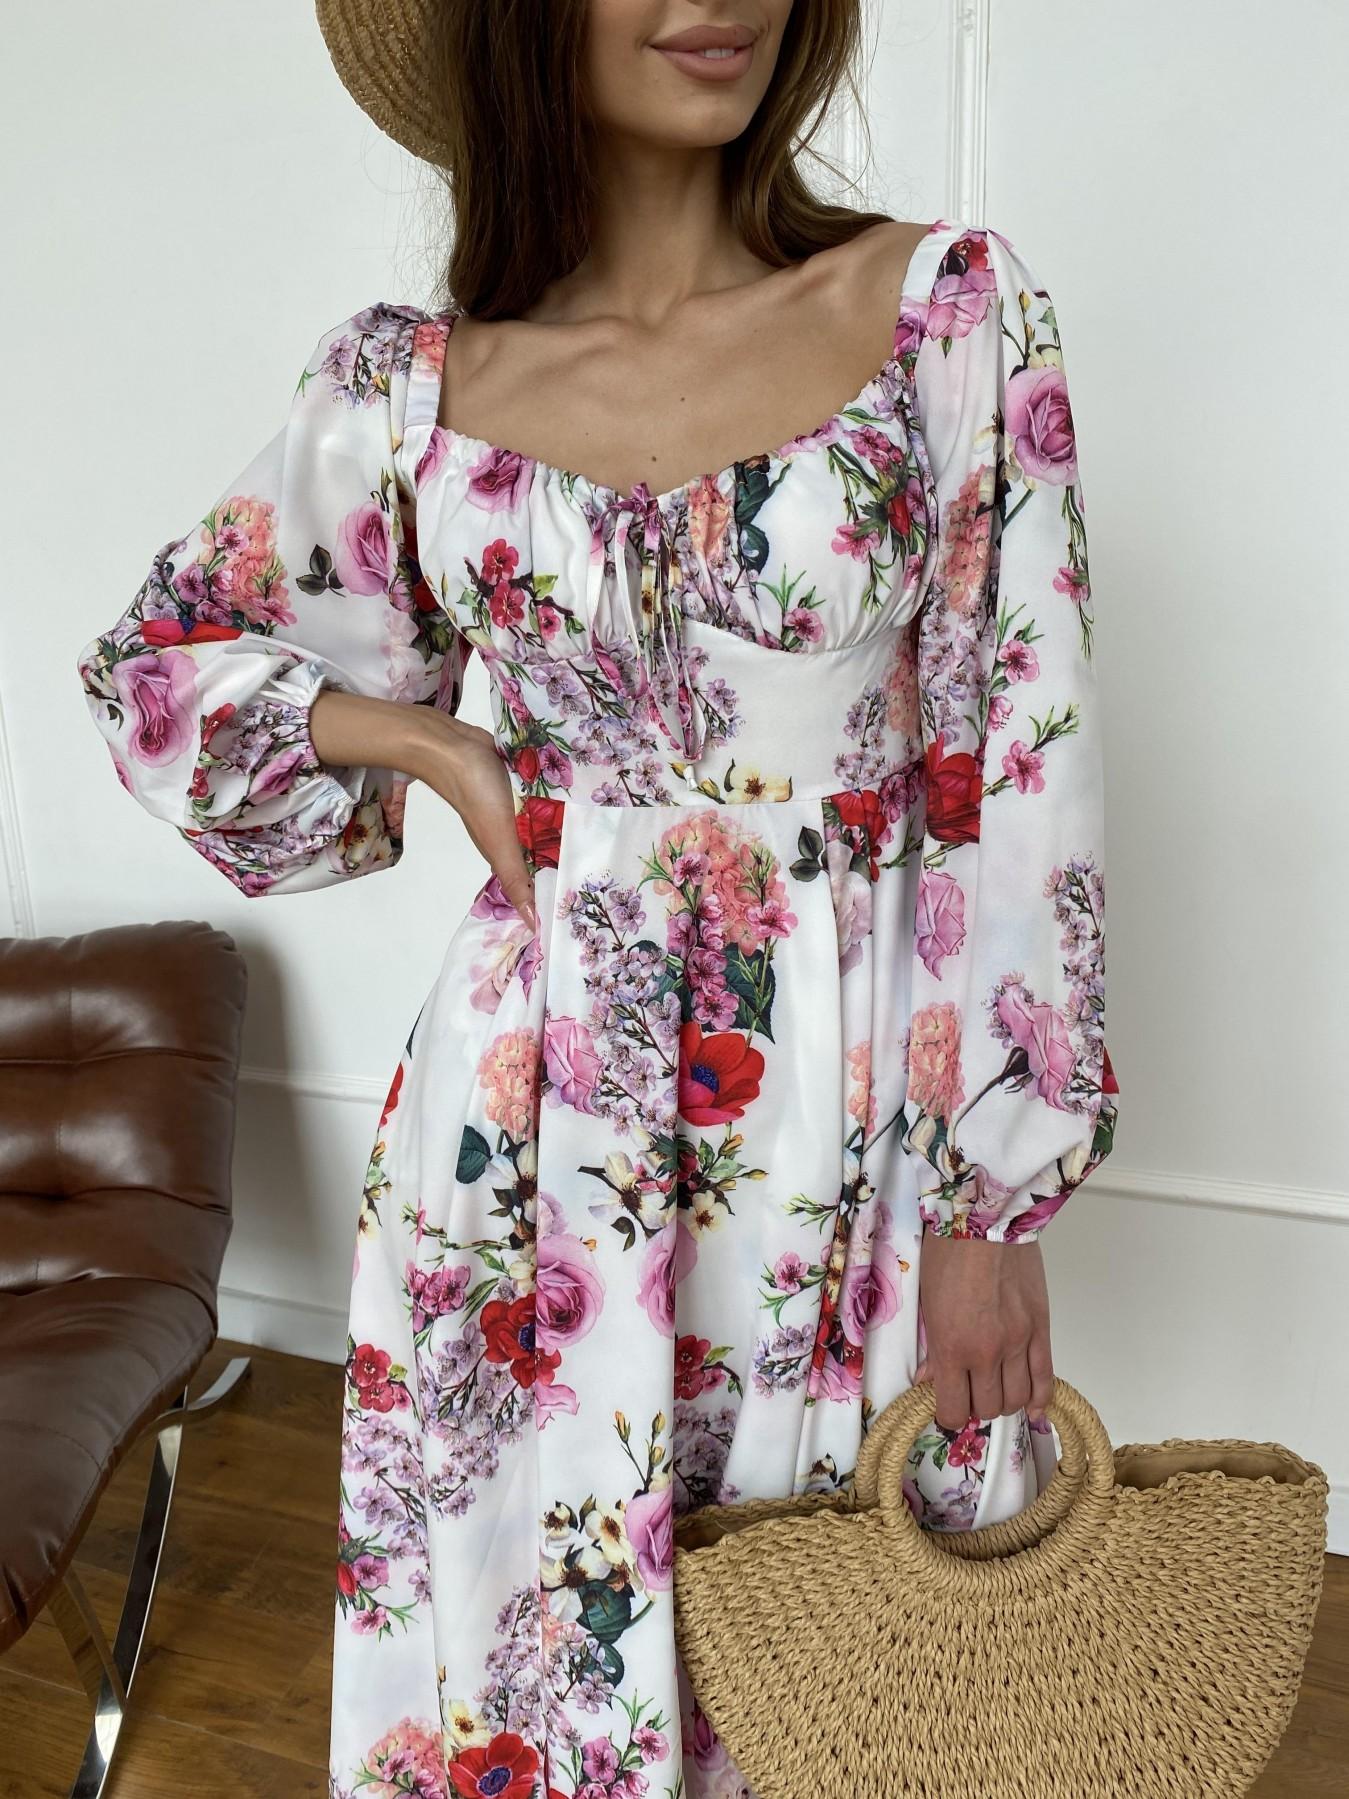 Натали платье софт принт бистрейч 11196 АРТ. 47830 Цвет: ВесенБукетМол/Роз/Крас - фото 6, интернет магазин tm-modus.ru